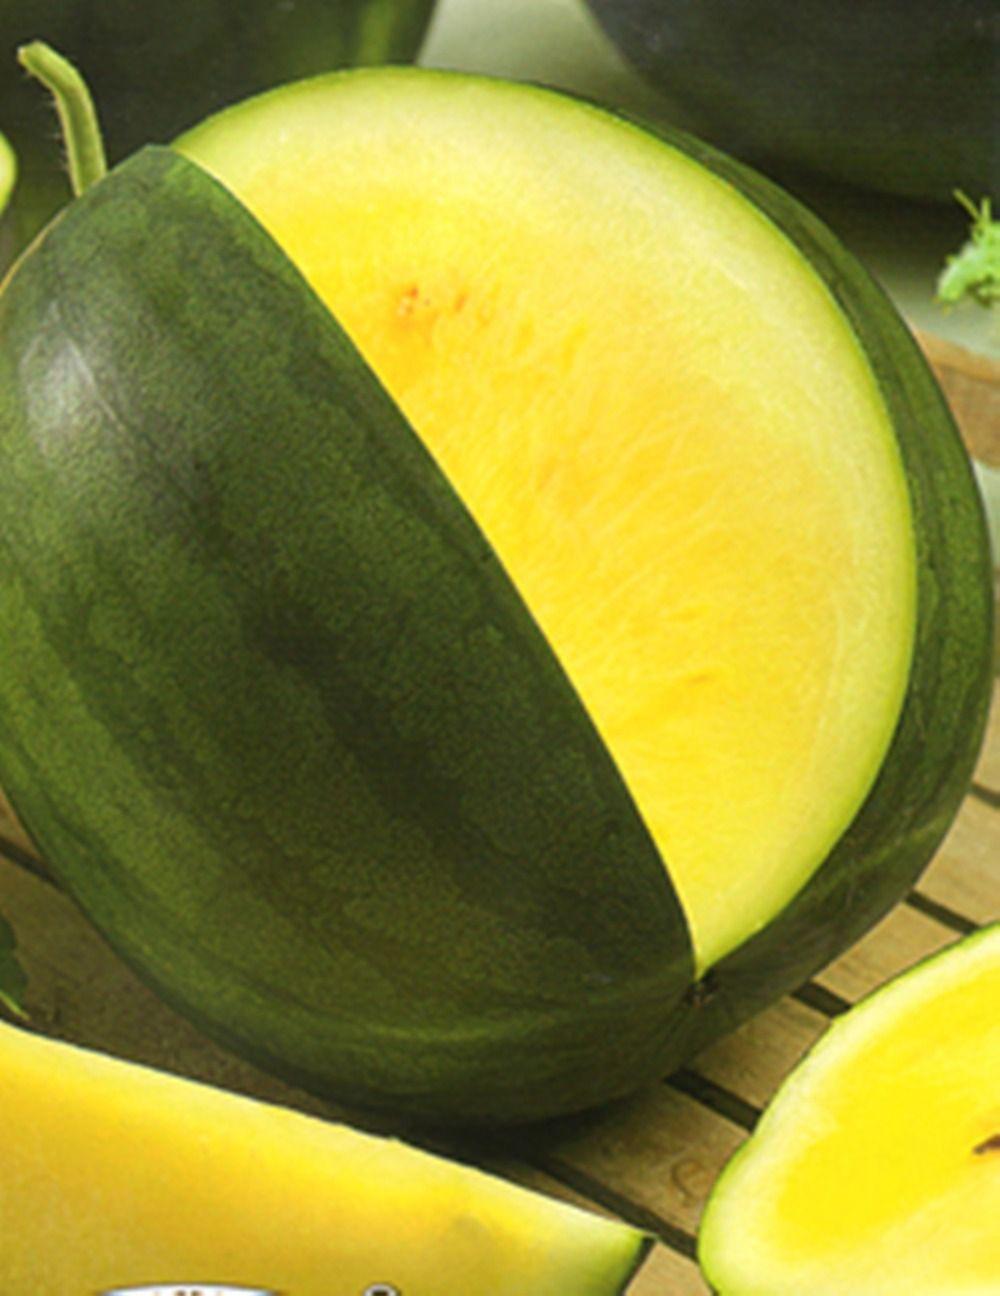 Seltene gelbe Wassermelone Samen Yanusyk Organic Russisch Erbstück Wassermelone Samen Garten Dekoration Pflanze 20 stücke F74